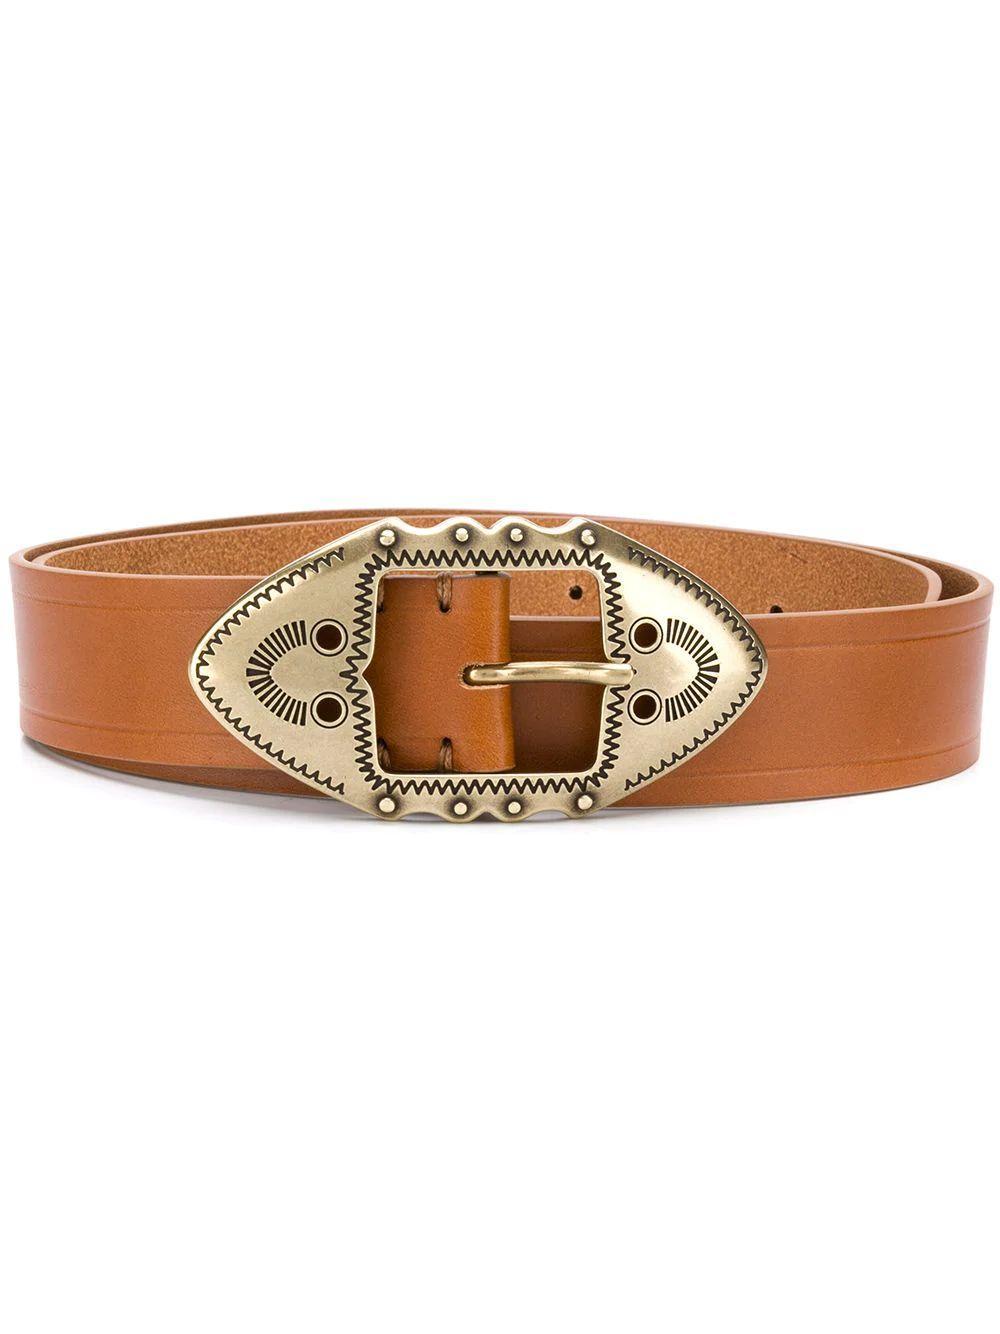 Vintage Buckle Belt